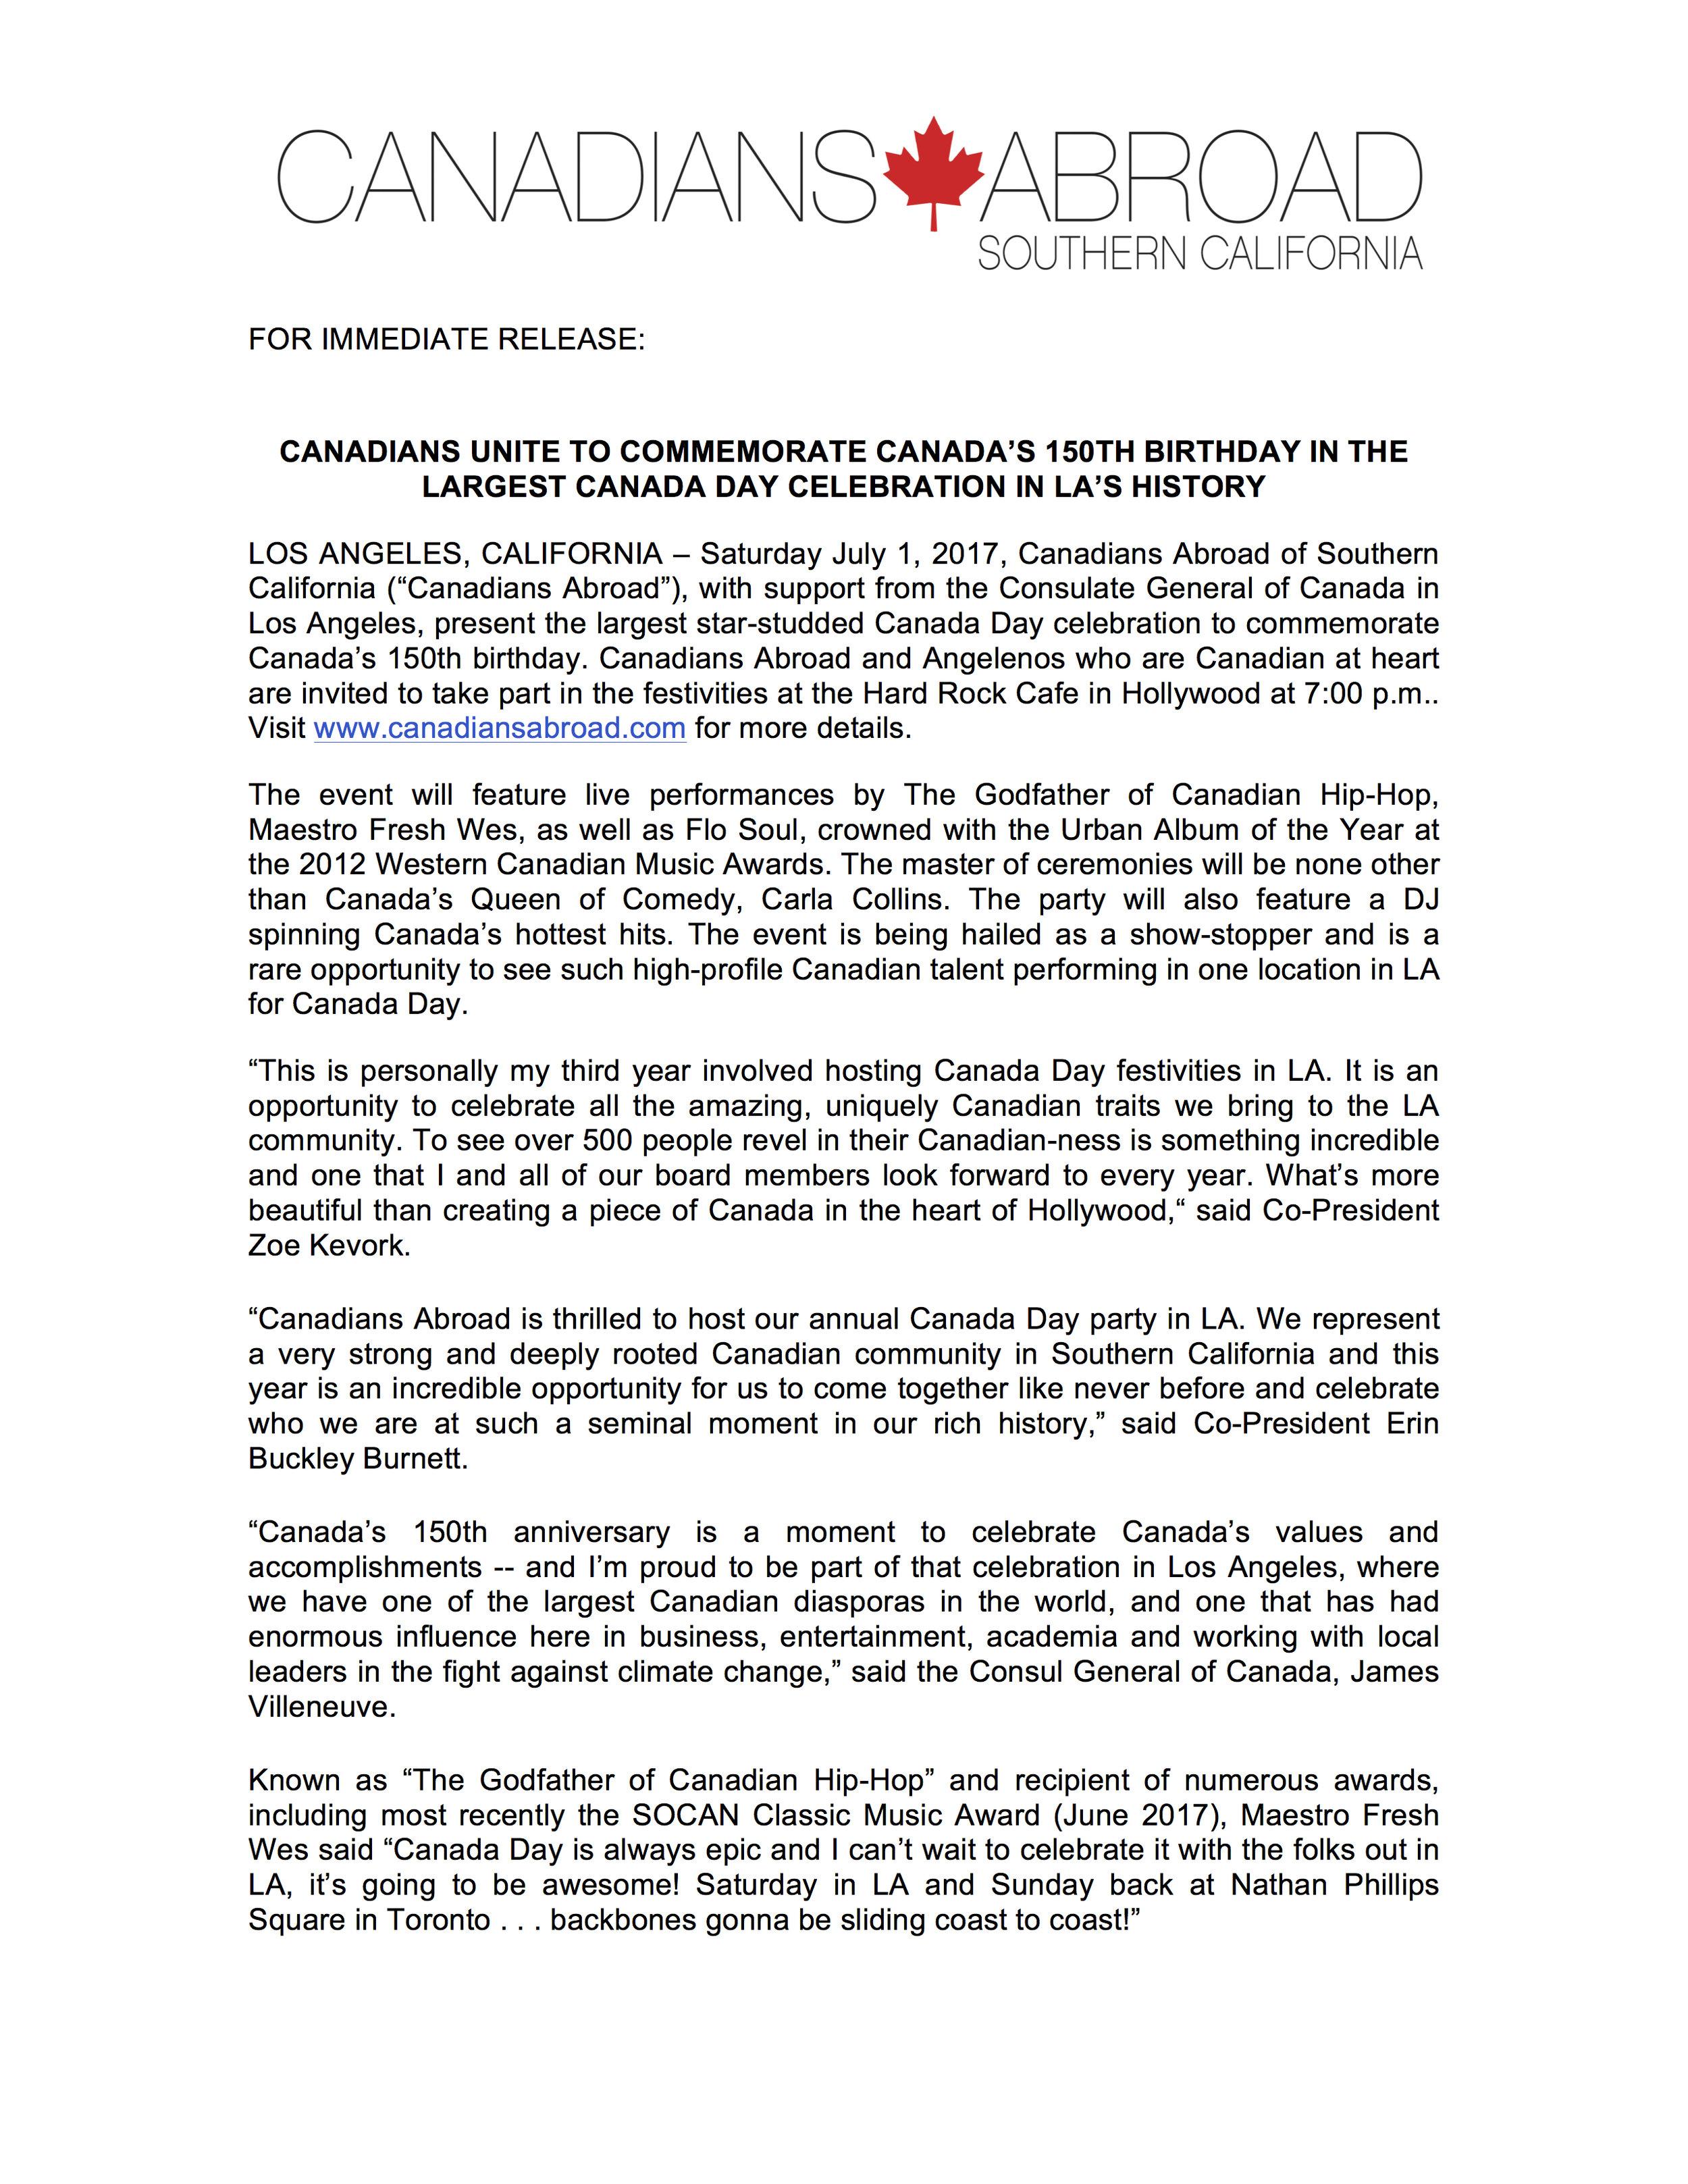 Canada 150 Press Release